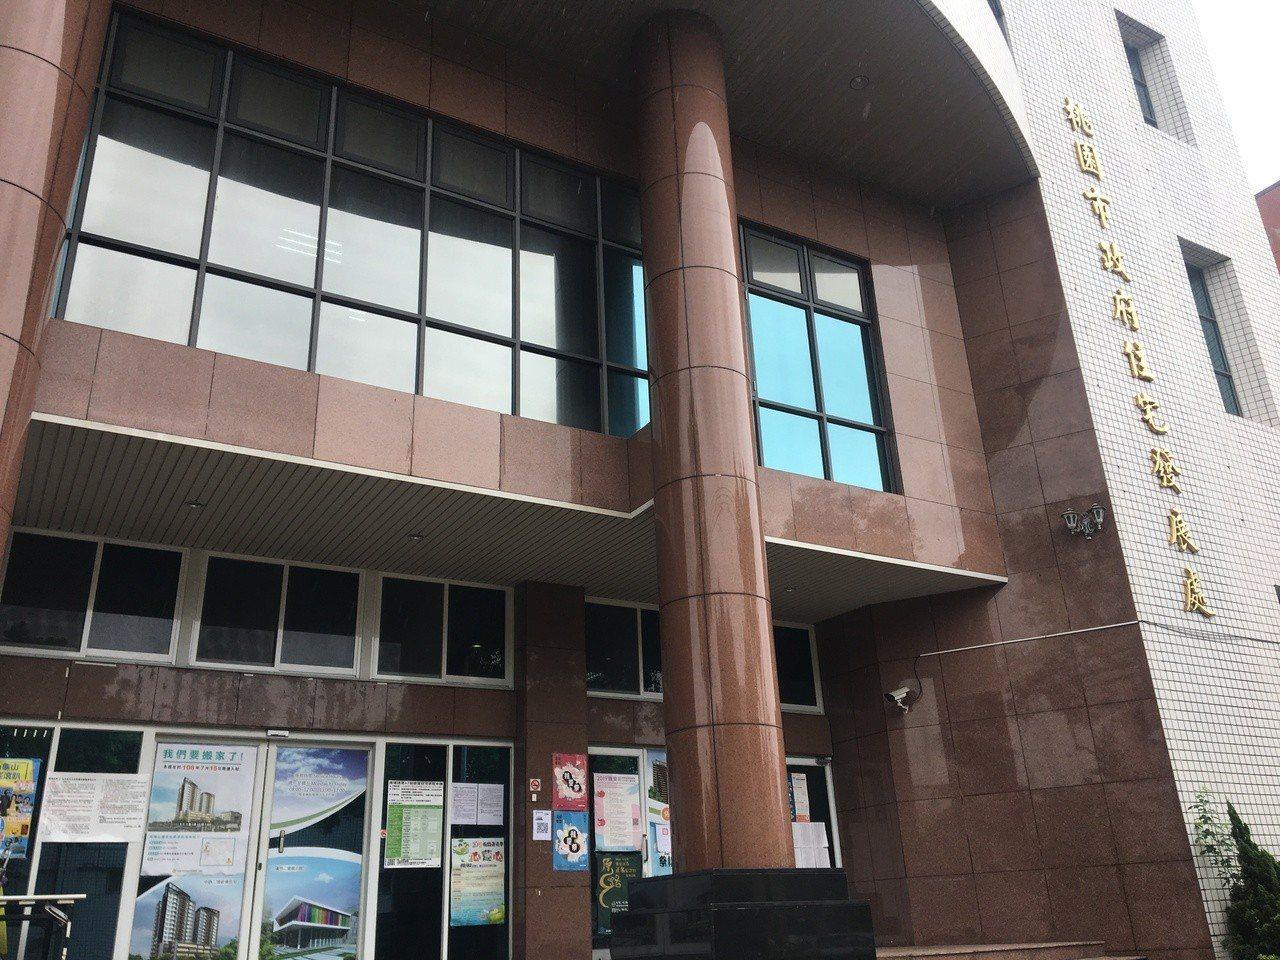 桃園市住宅發展處為受理租金補貼主要業務單位。記者張裕珍/攝影